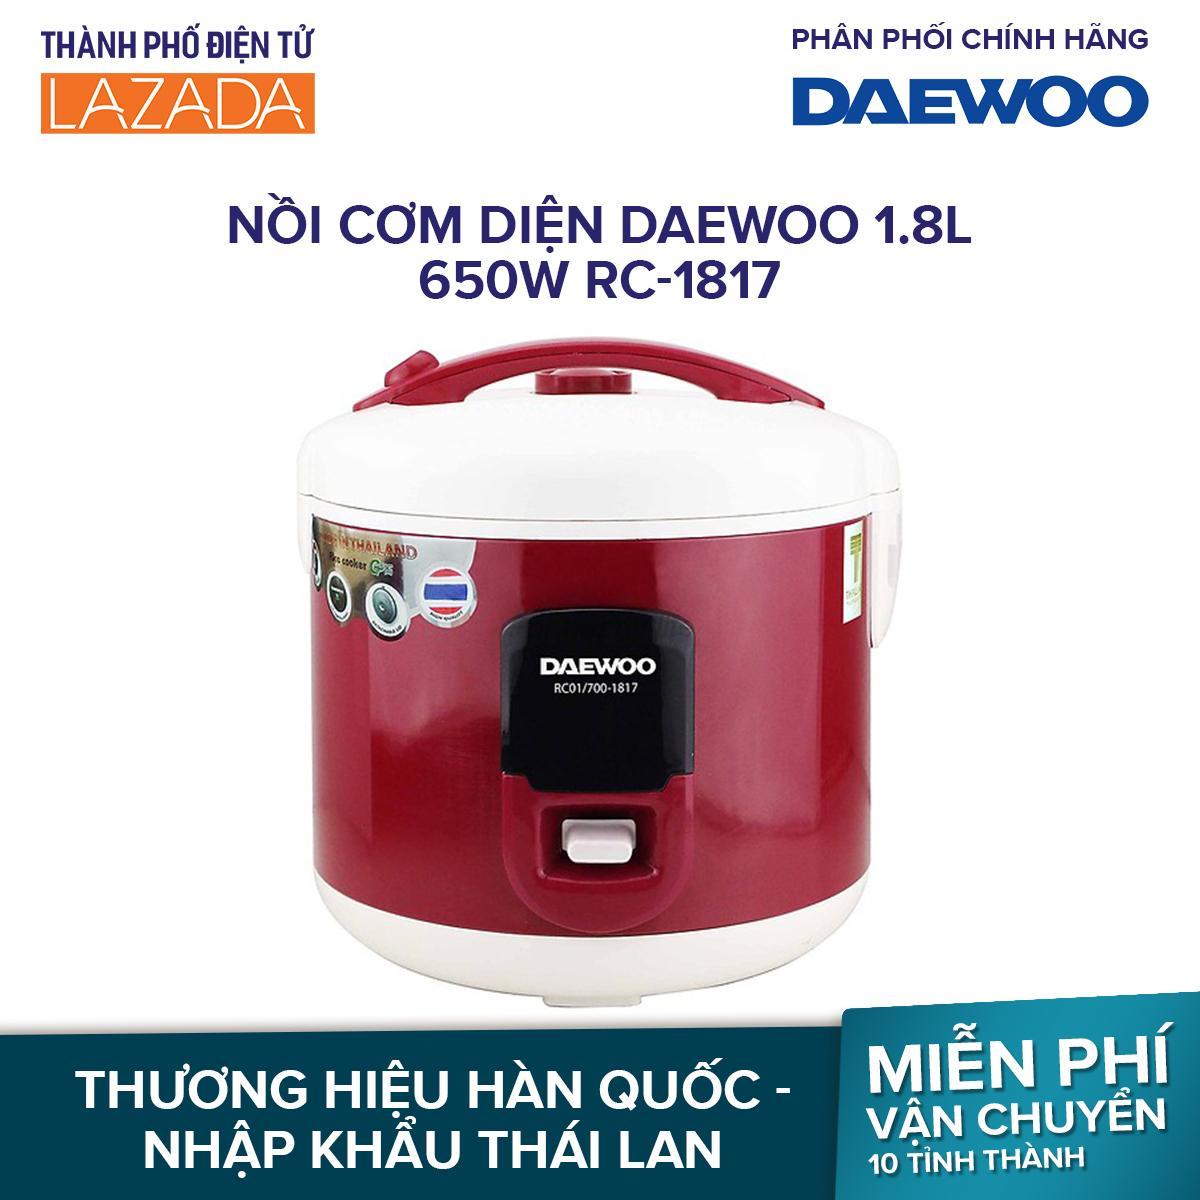 Nồi cơm diện Daewoo 1.8L 650W RC-1817